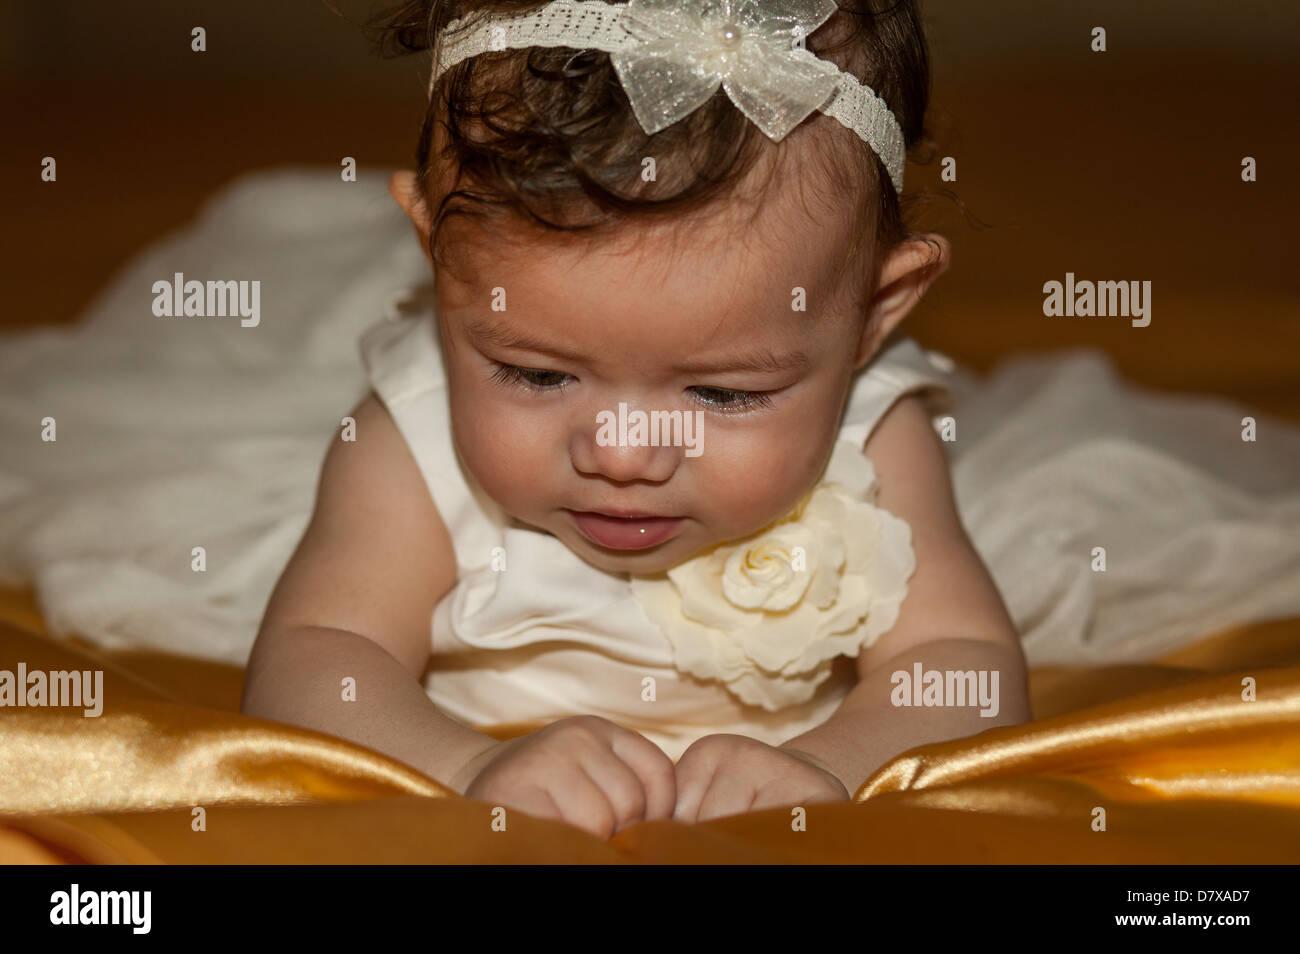 c2d48acf86800 Baby Girl laying on bed magnifiquement vêtu d une robe de baptême blanche  pour son